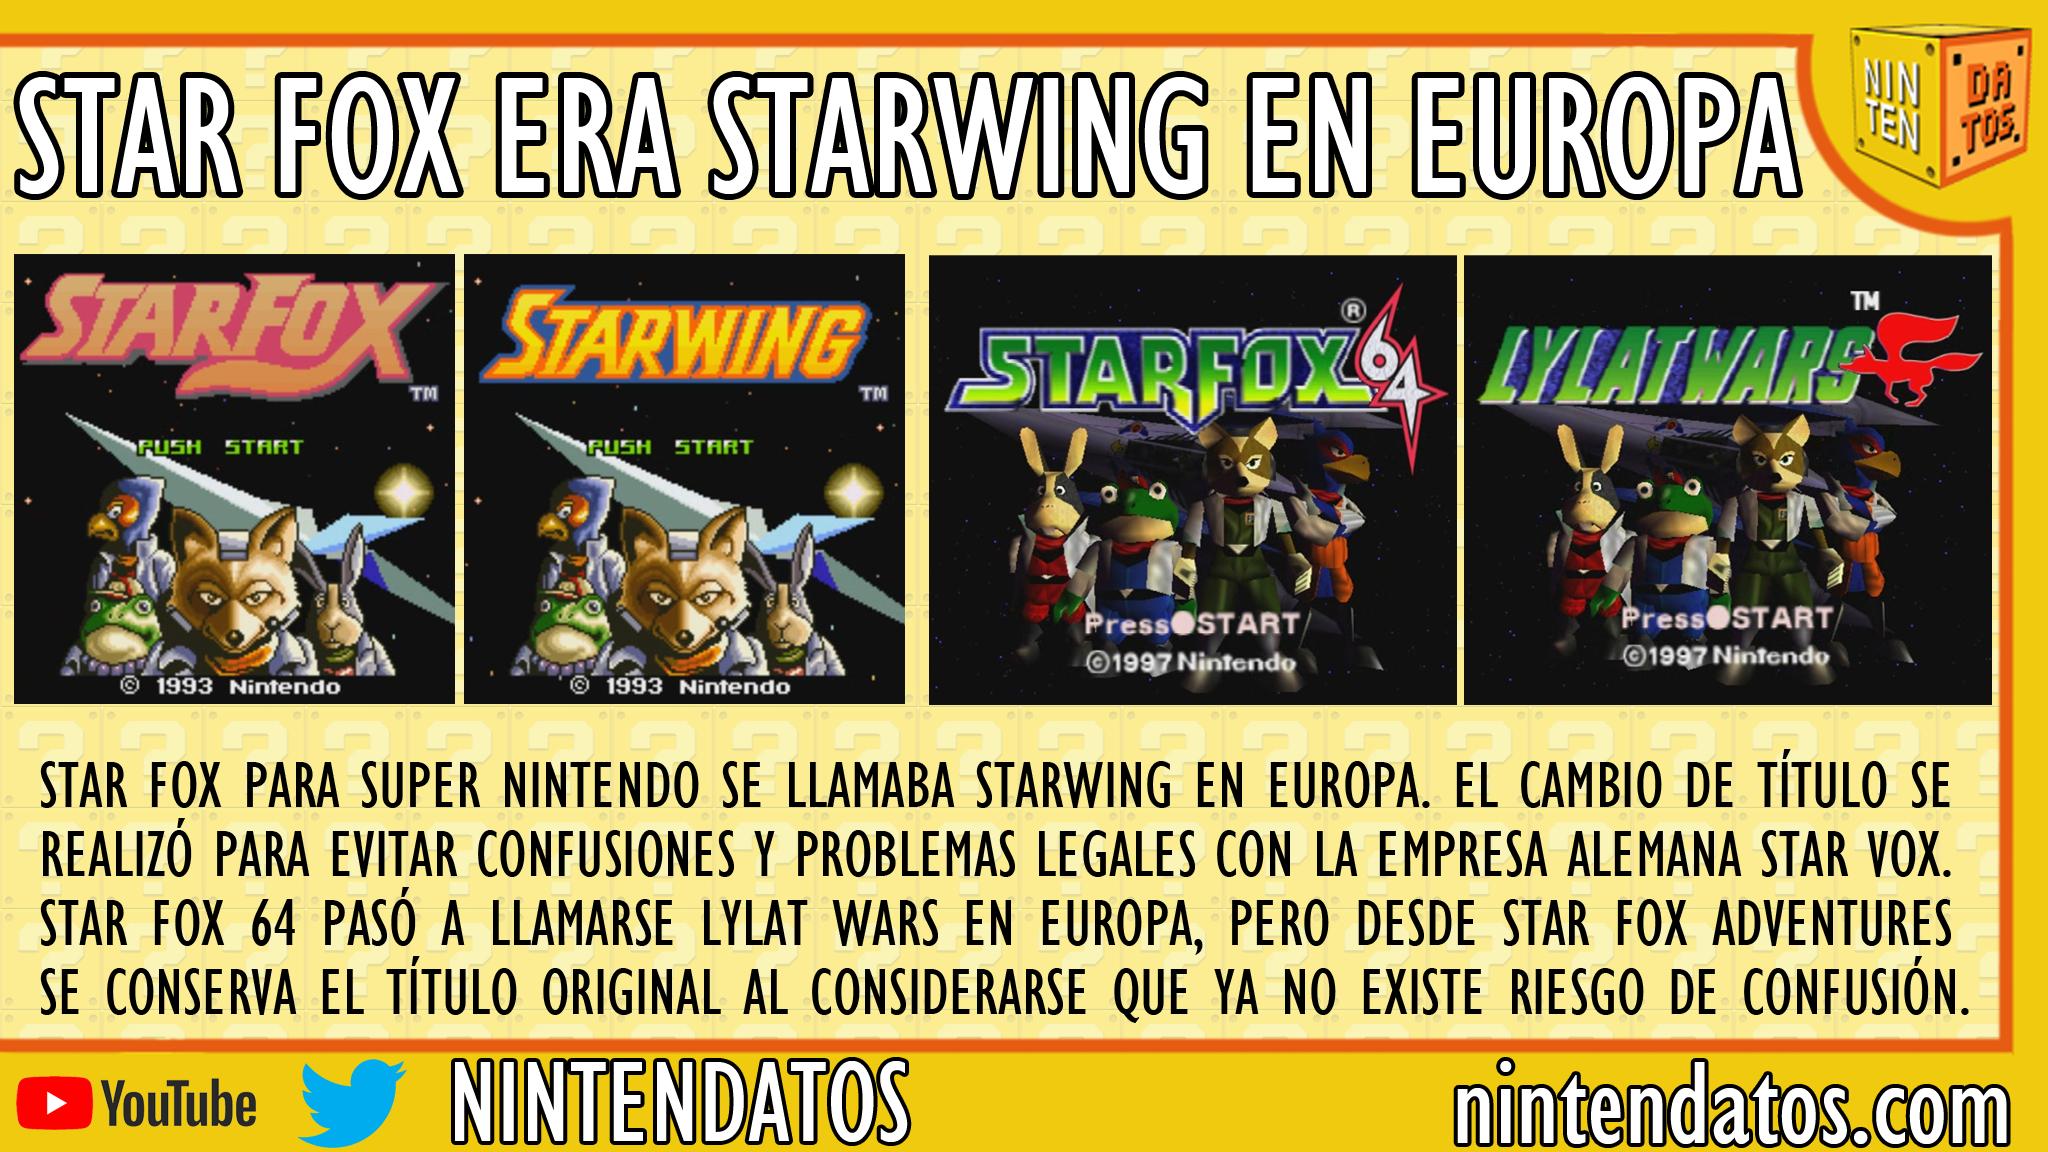 Star Fox era Starwing en Europa